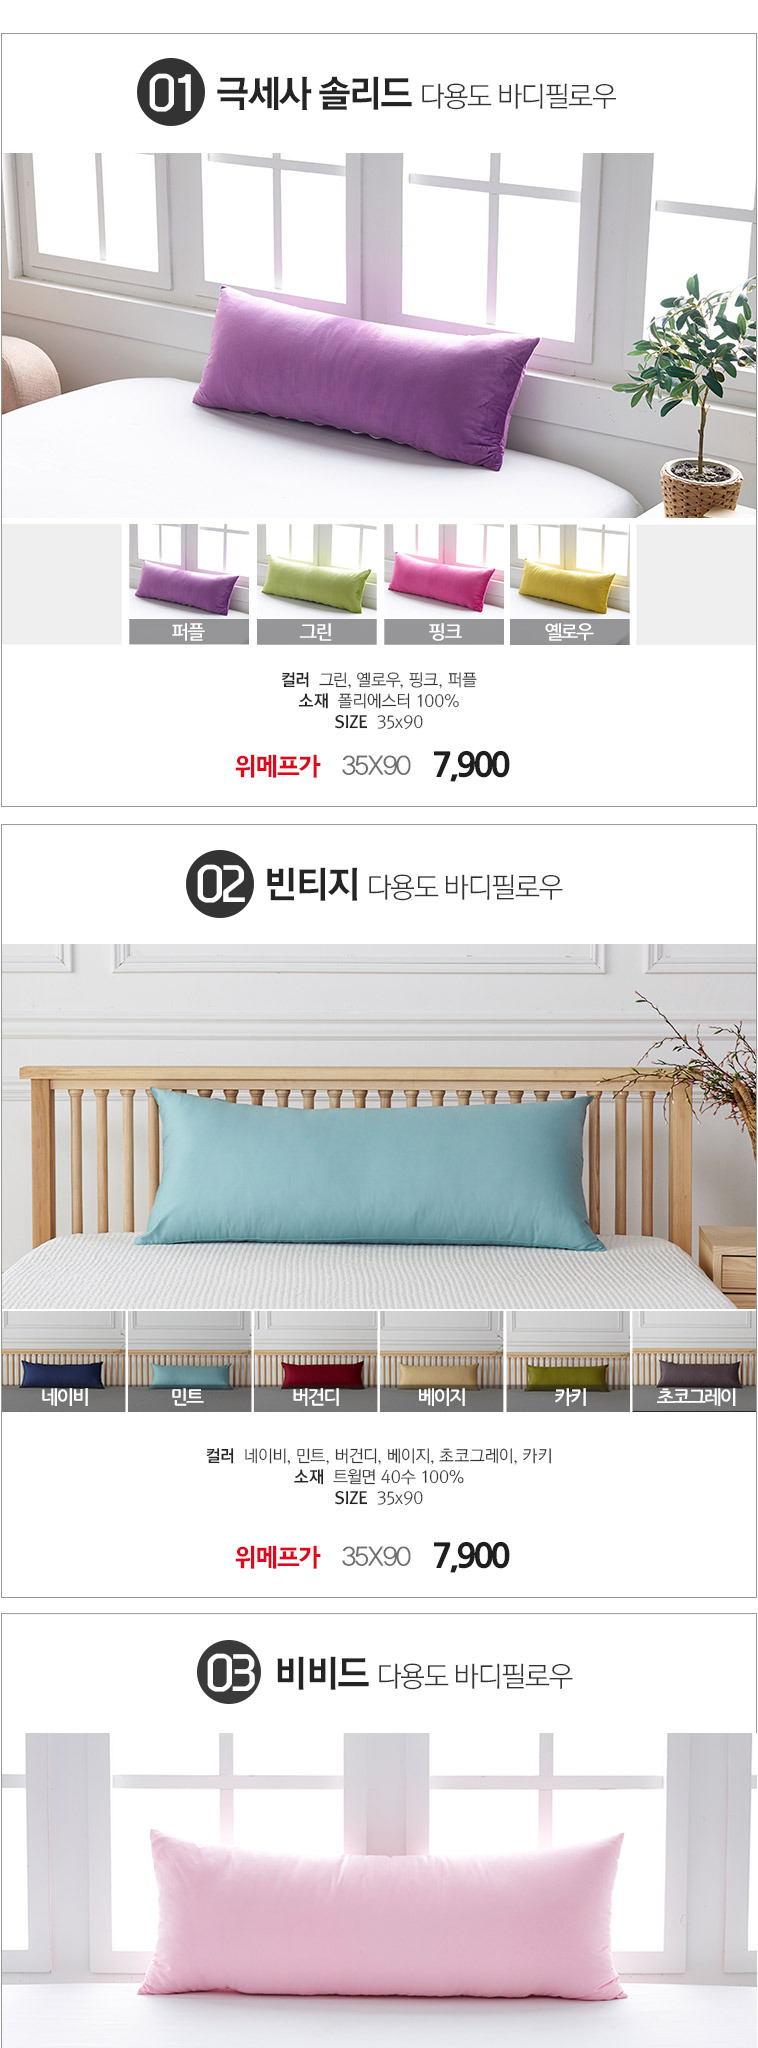 [명예의전당] 극세사 꿀잠롱쿠션 - 상세정보